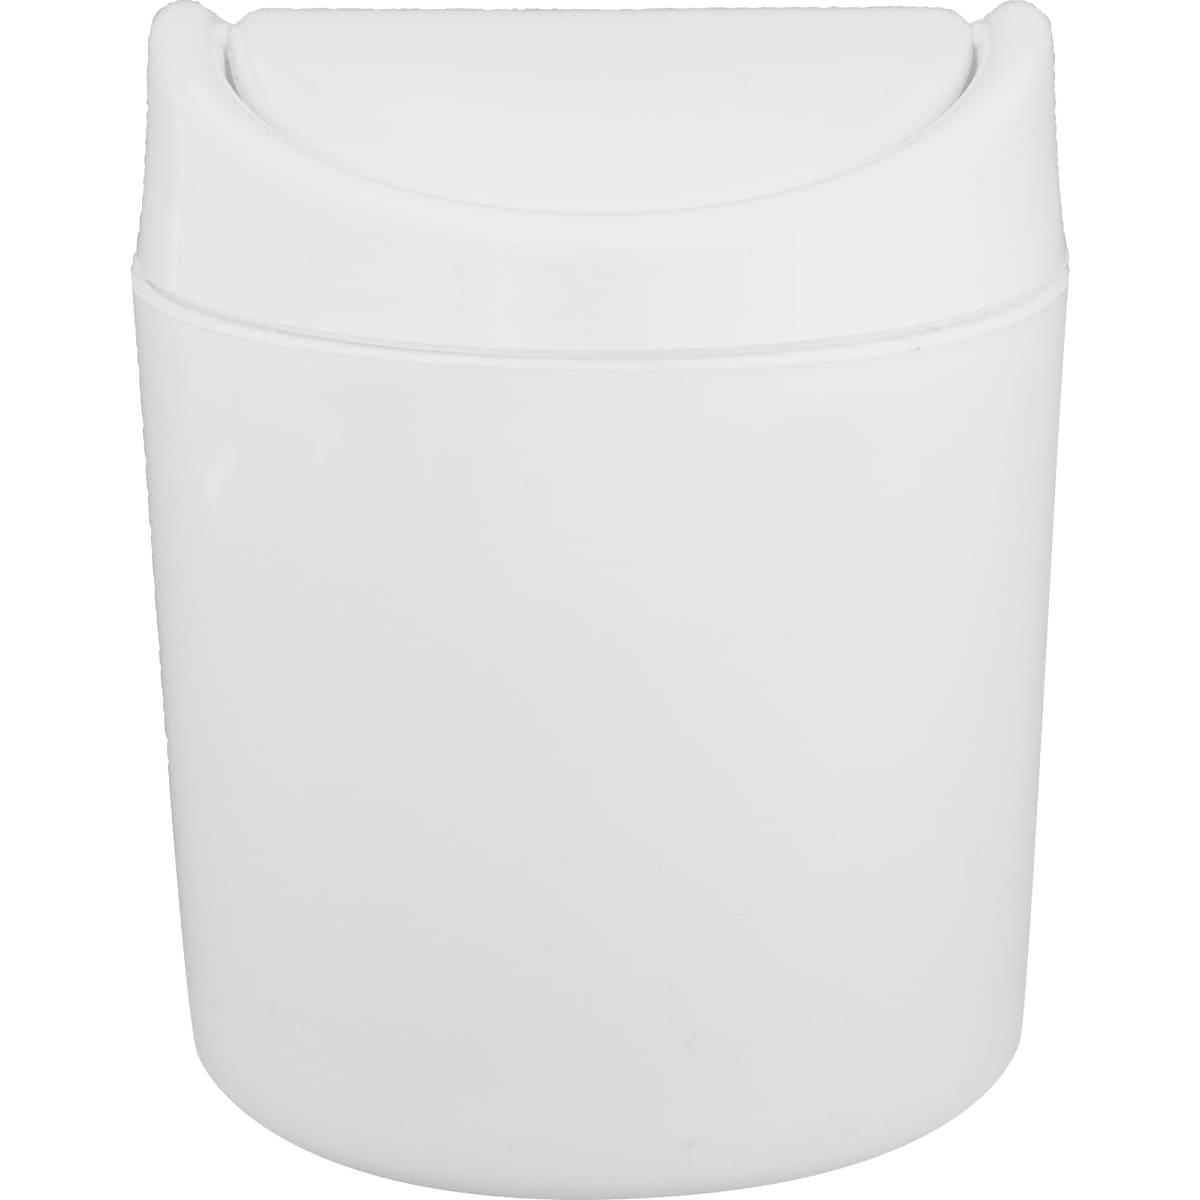 Бак для мусора Бален 0.75 л цвет бежевый